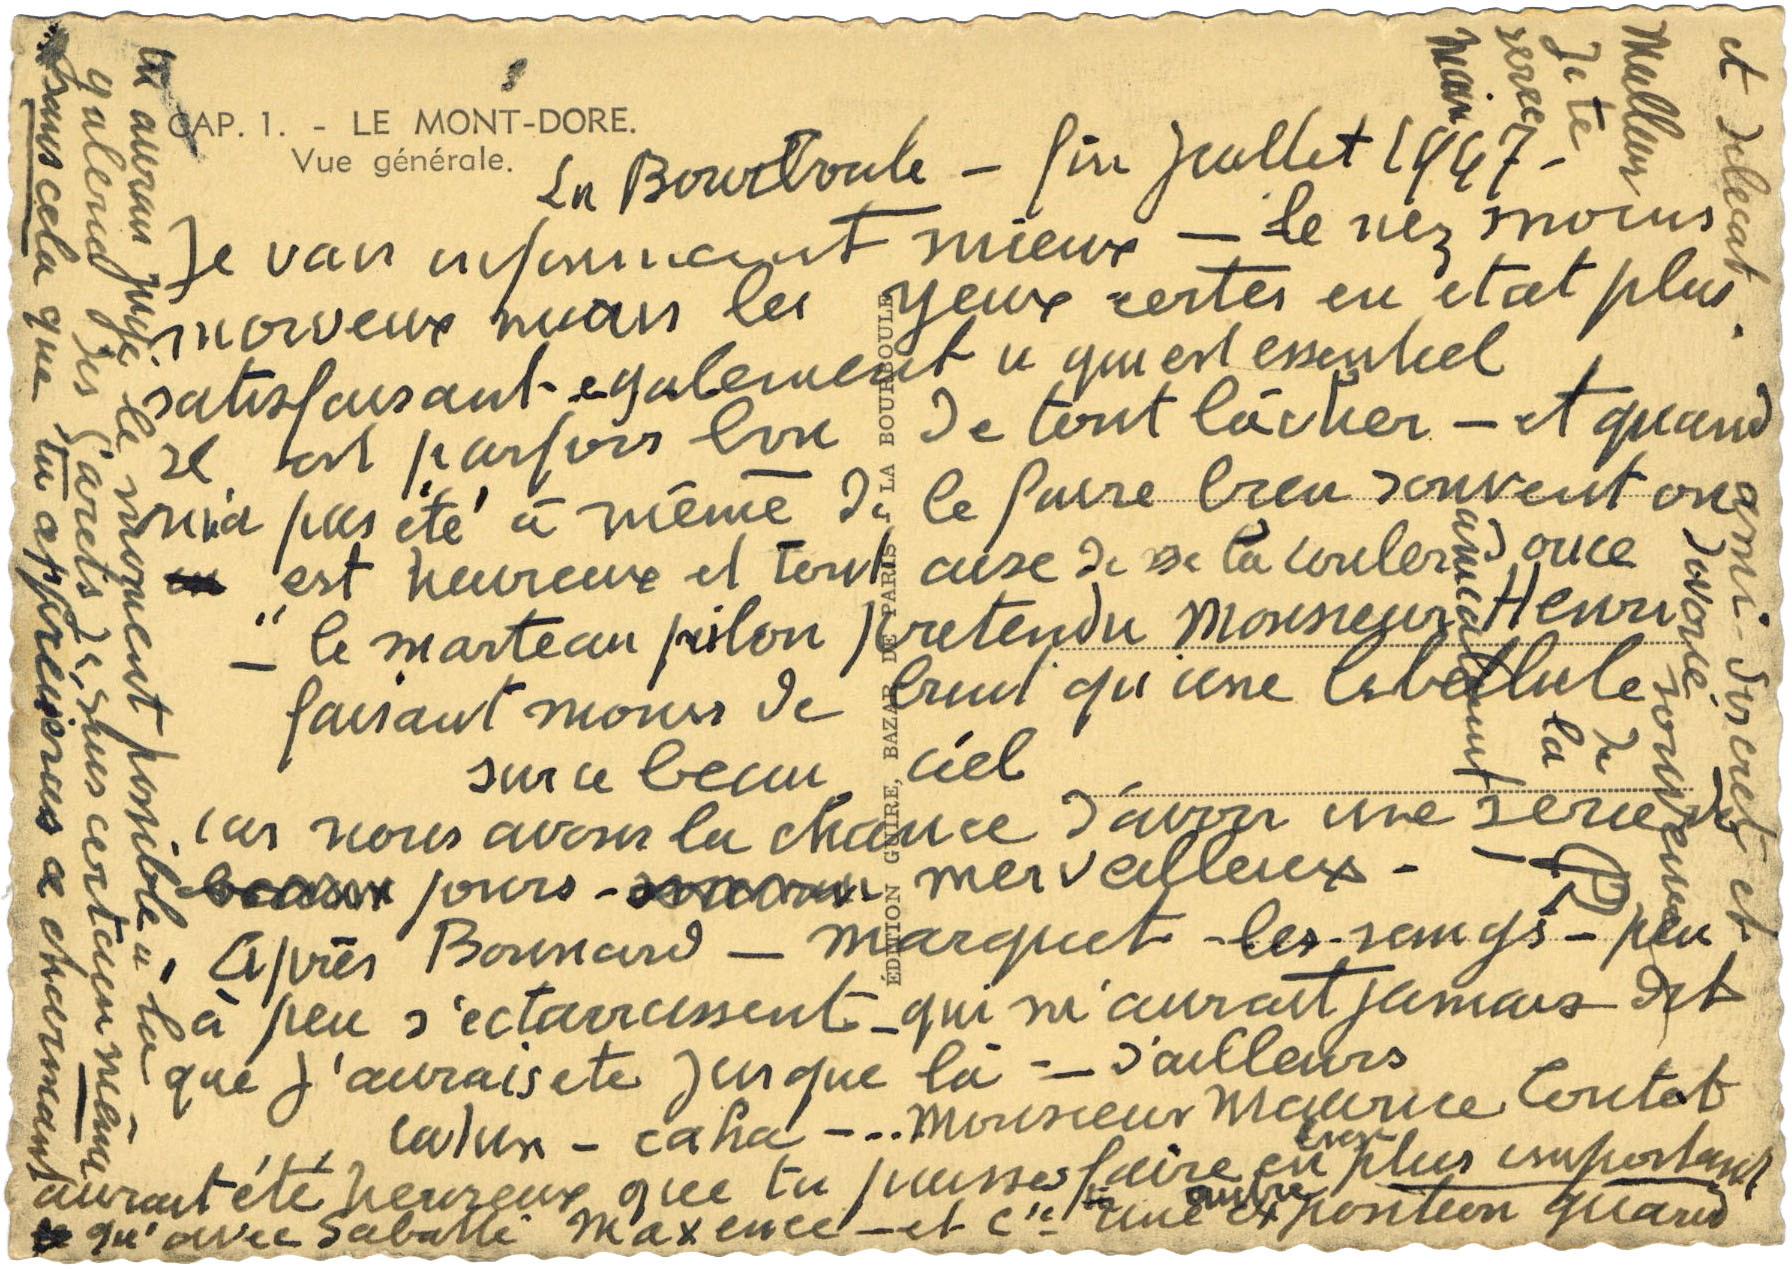 ルオーからマティスへのハガキ 1947年7月 アルシーヴ・マティス